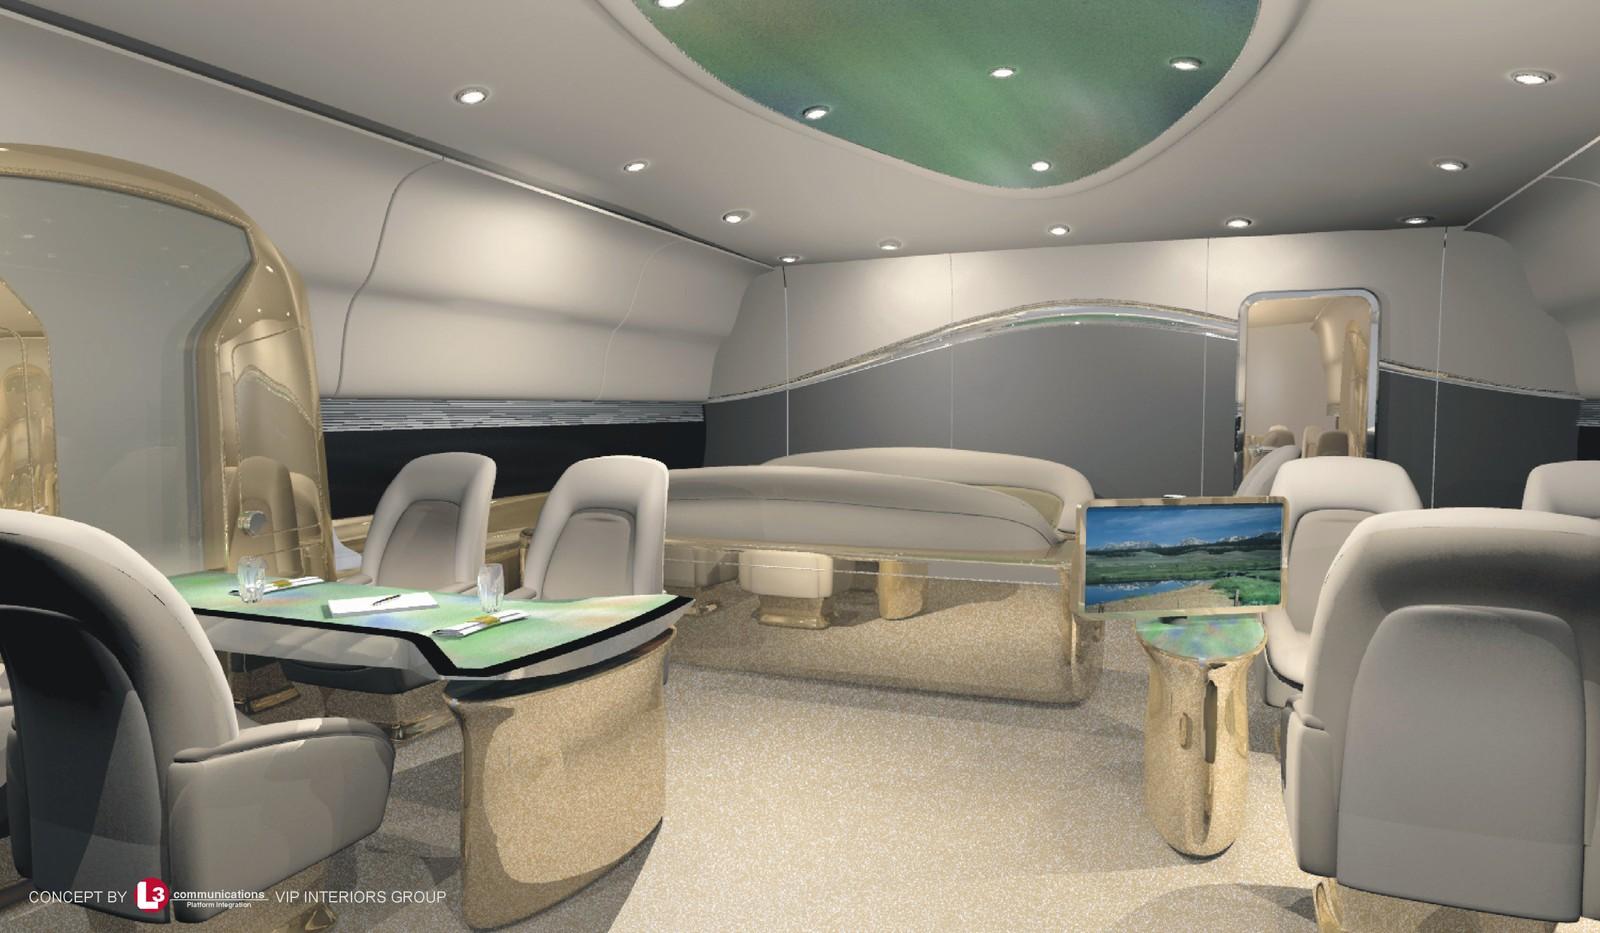 Slik fremstilles mulighetene for lususinteriør i flytypen i konseptskisser fra Boeing.